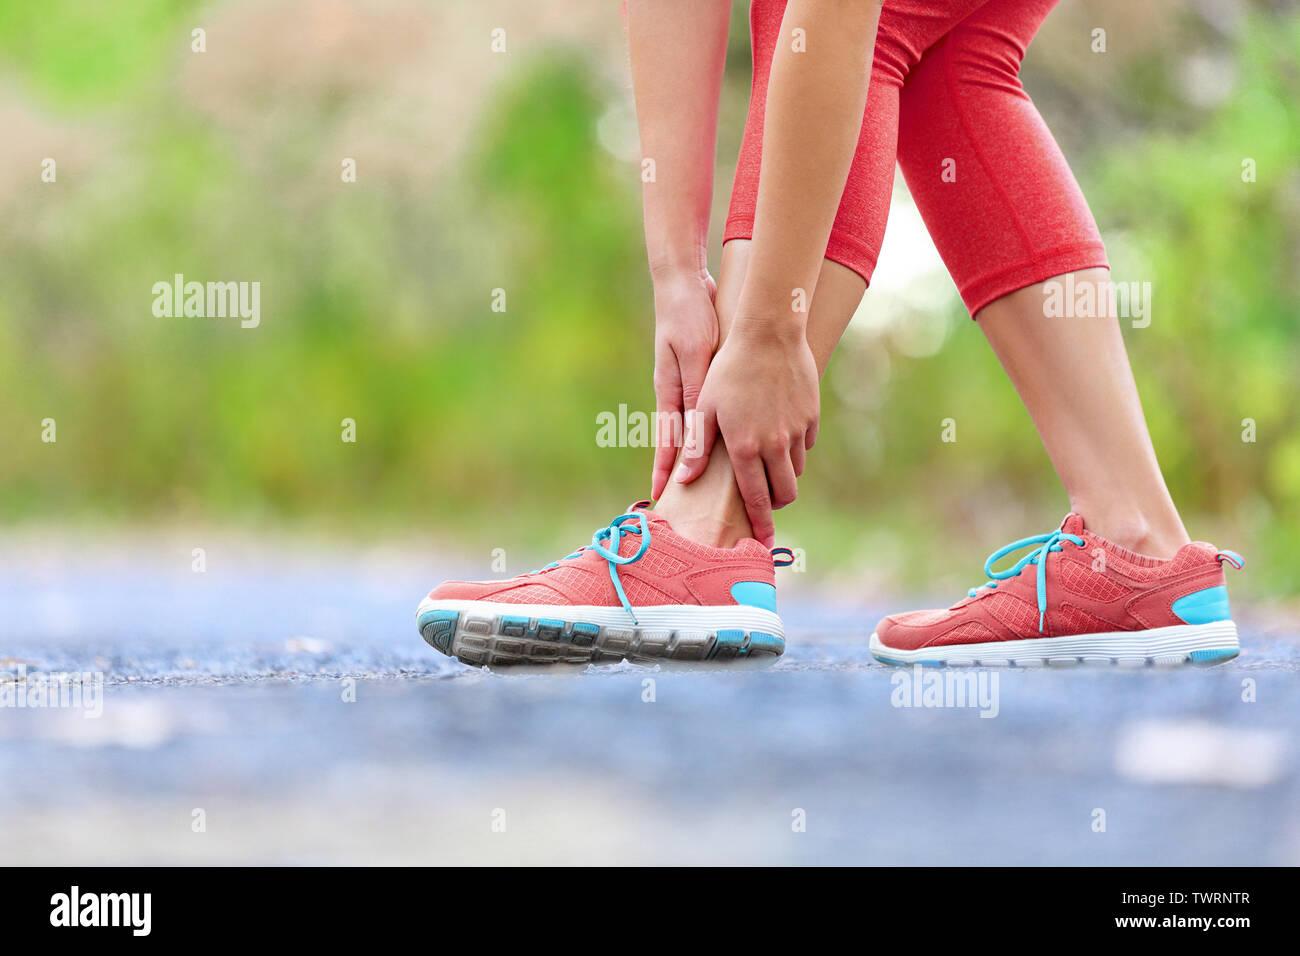 Twisted caviglia rotta - esecuzione di sport del pregiudizio. Guida femmina toccando il piede nel dolore a causa della caviglia slogata. Foto Stock